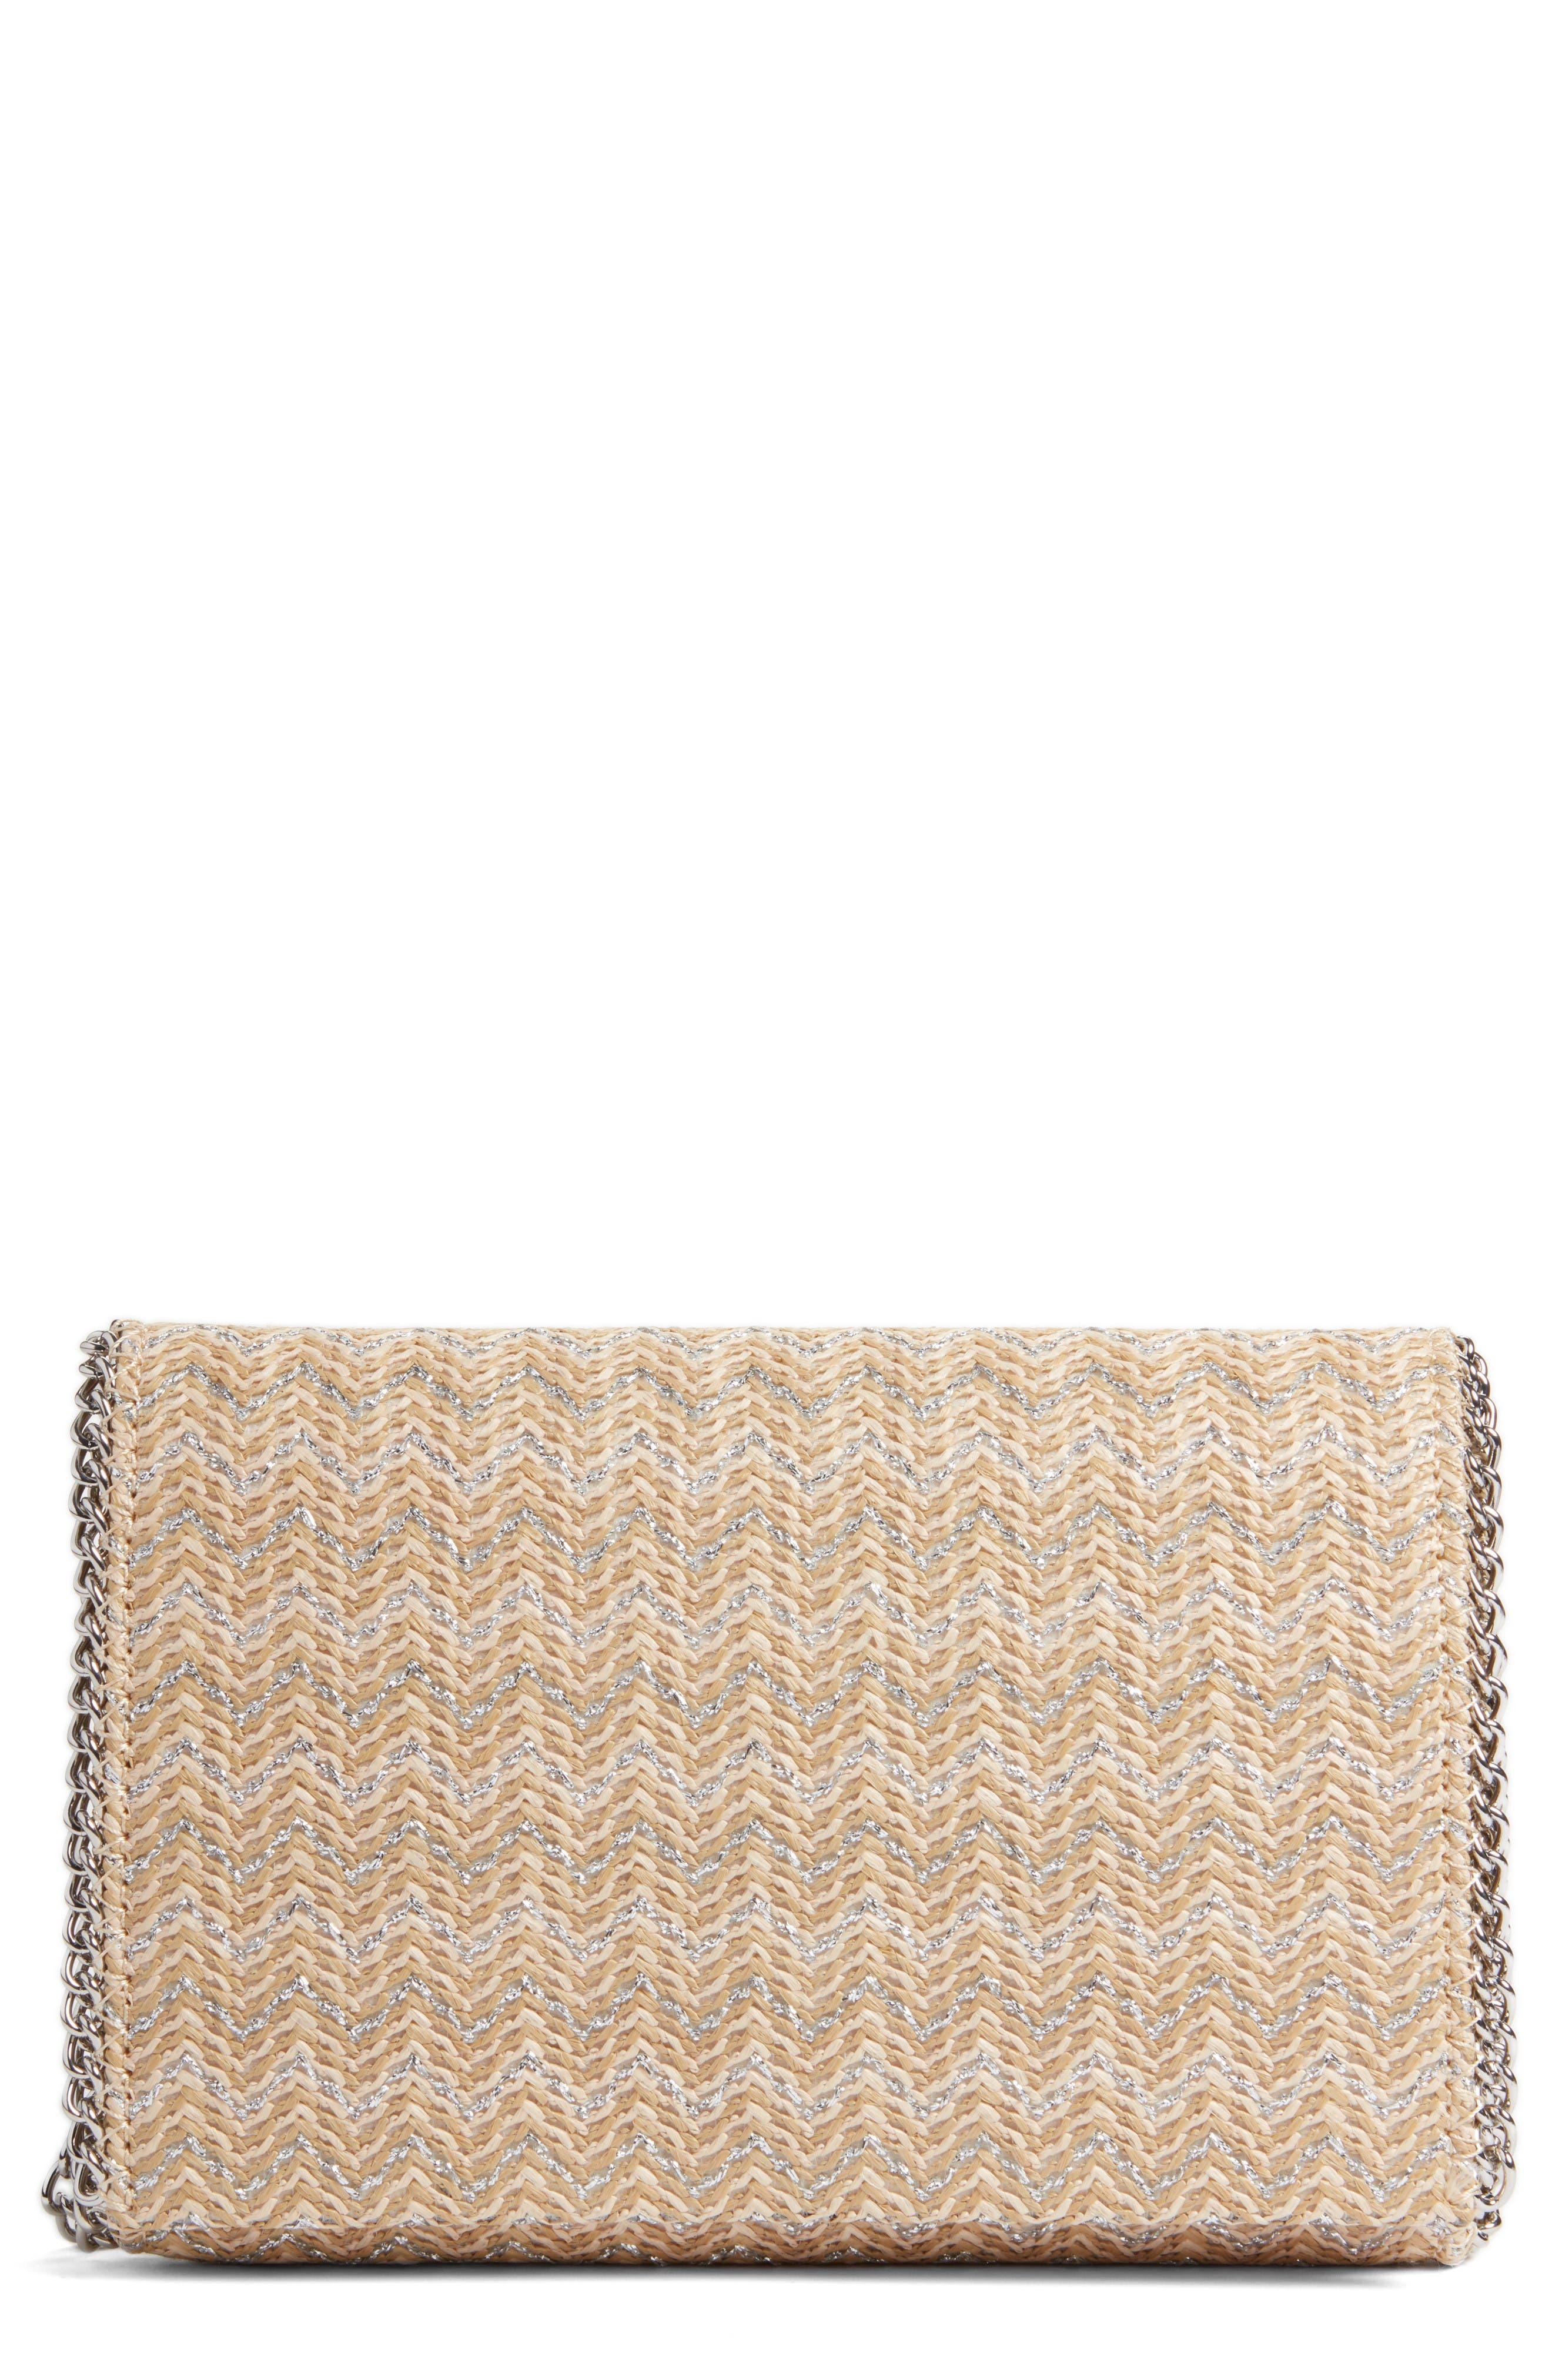 Stripe Straw Convertible Clutch,                         Main,                         color, Natural- Silver Chevron